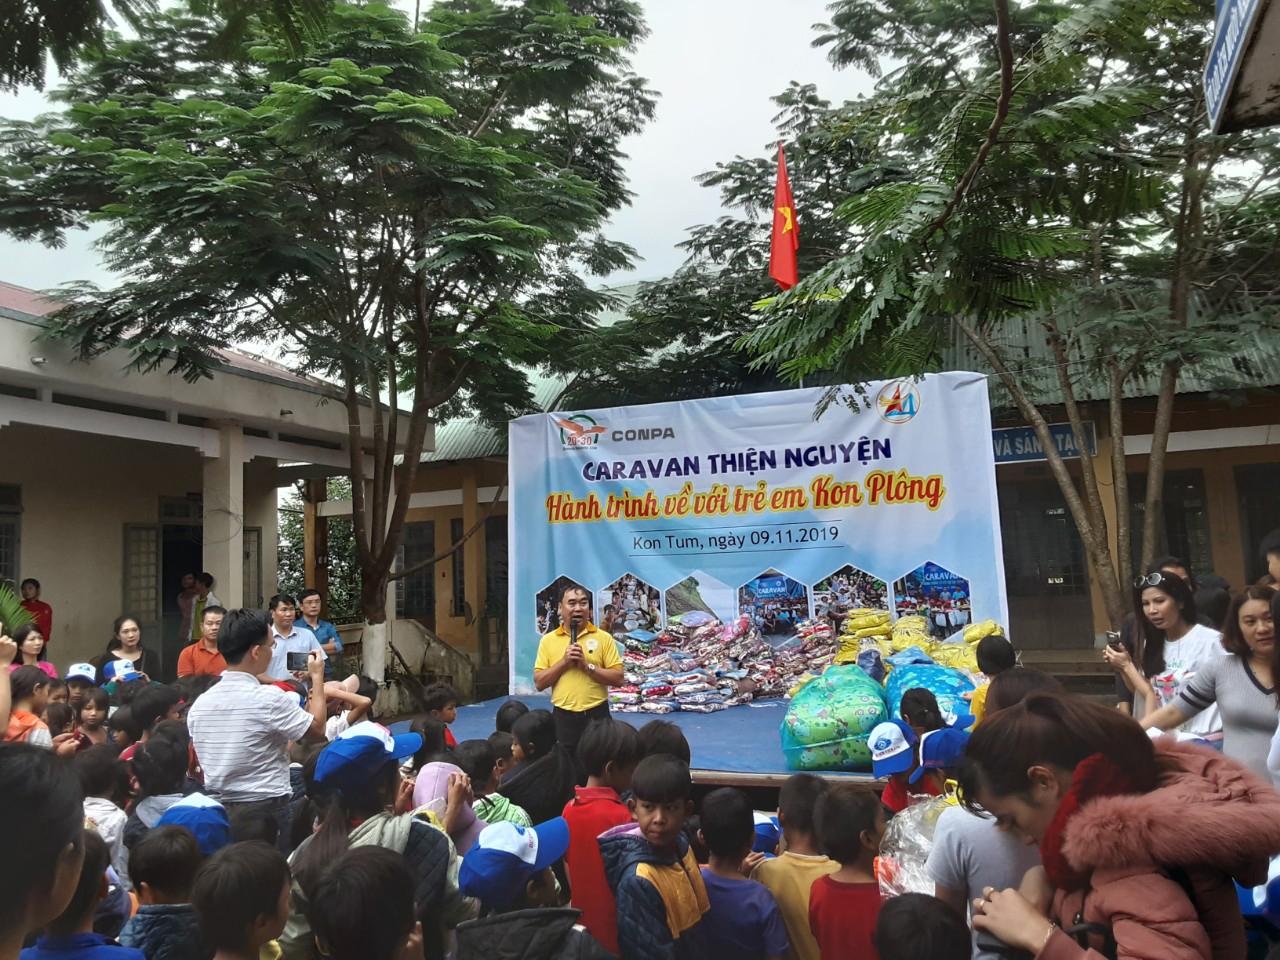 Conpa vietnam và Canavan tổ chức thiện nguyện trẻ-em-kon-plong